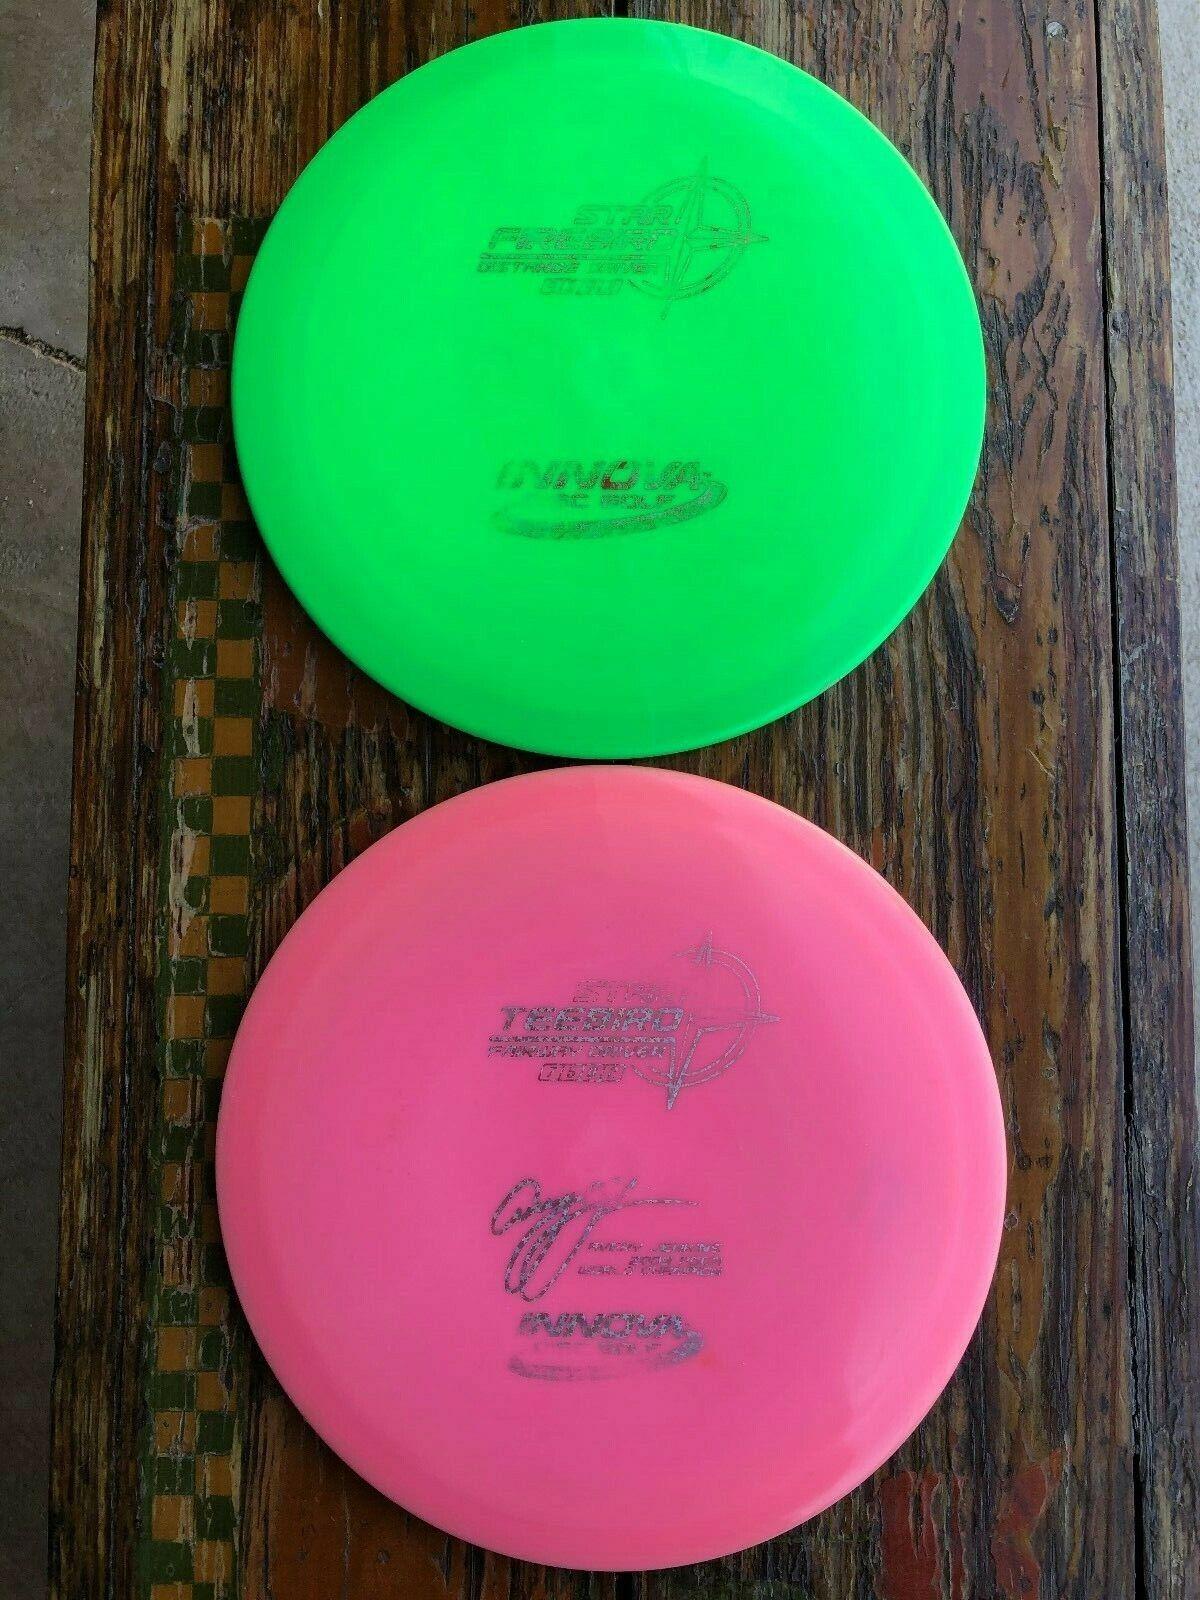 Innova Firebird Teebird Star Avery Jenkins Disc Golf Driver Pair Lot Tbird Set - $24.95